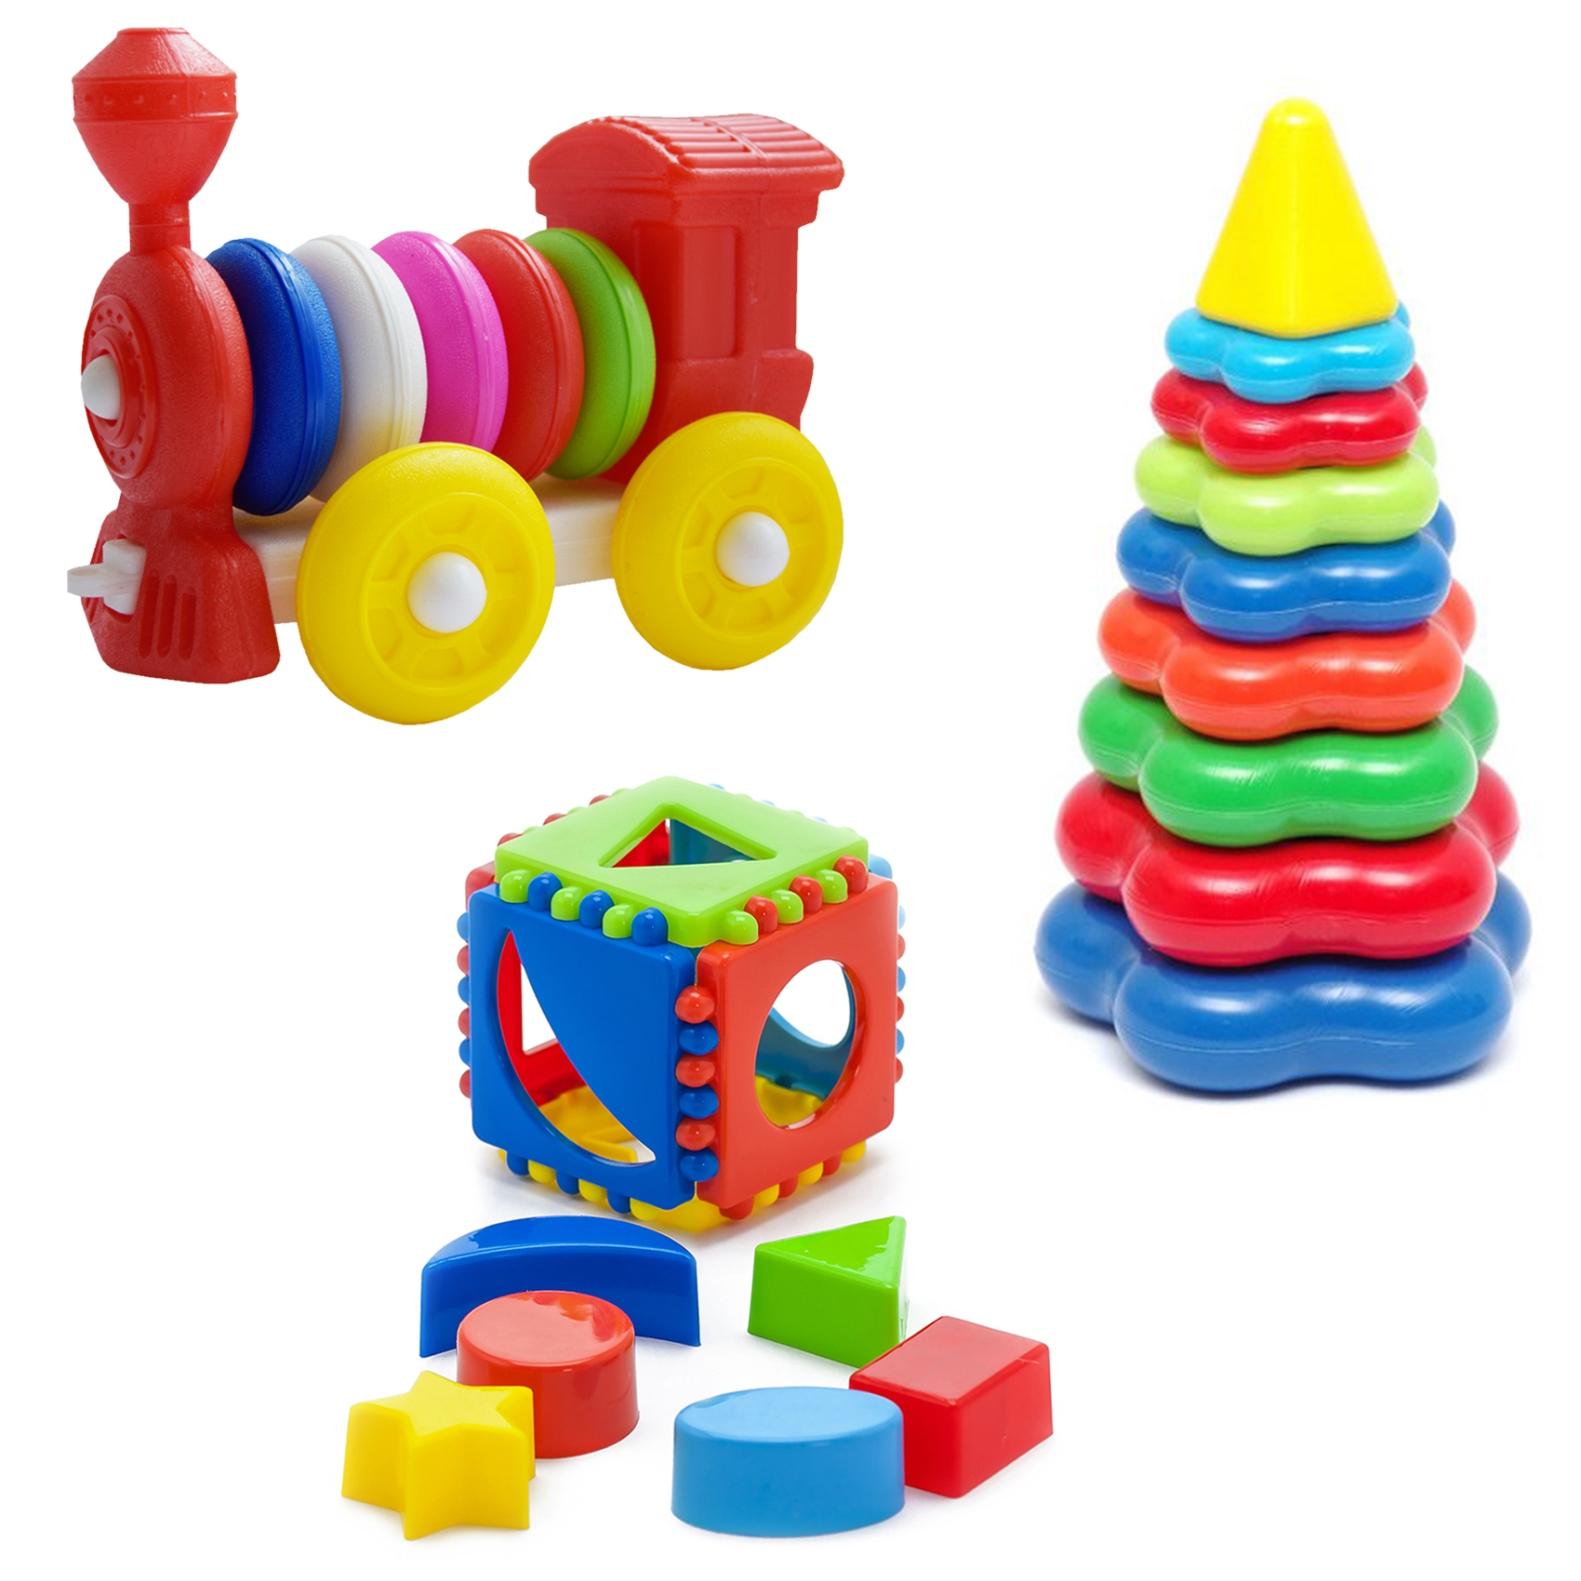 Купить Развивающие игрушки Karolina Toys Кубик лог.малый+Пирамида бол.+Констр.каталка Паровозик,